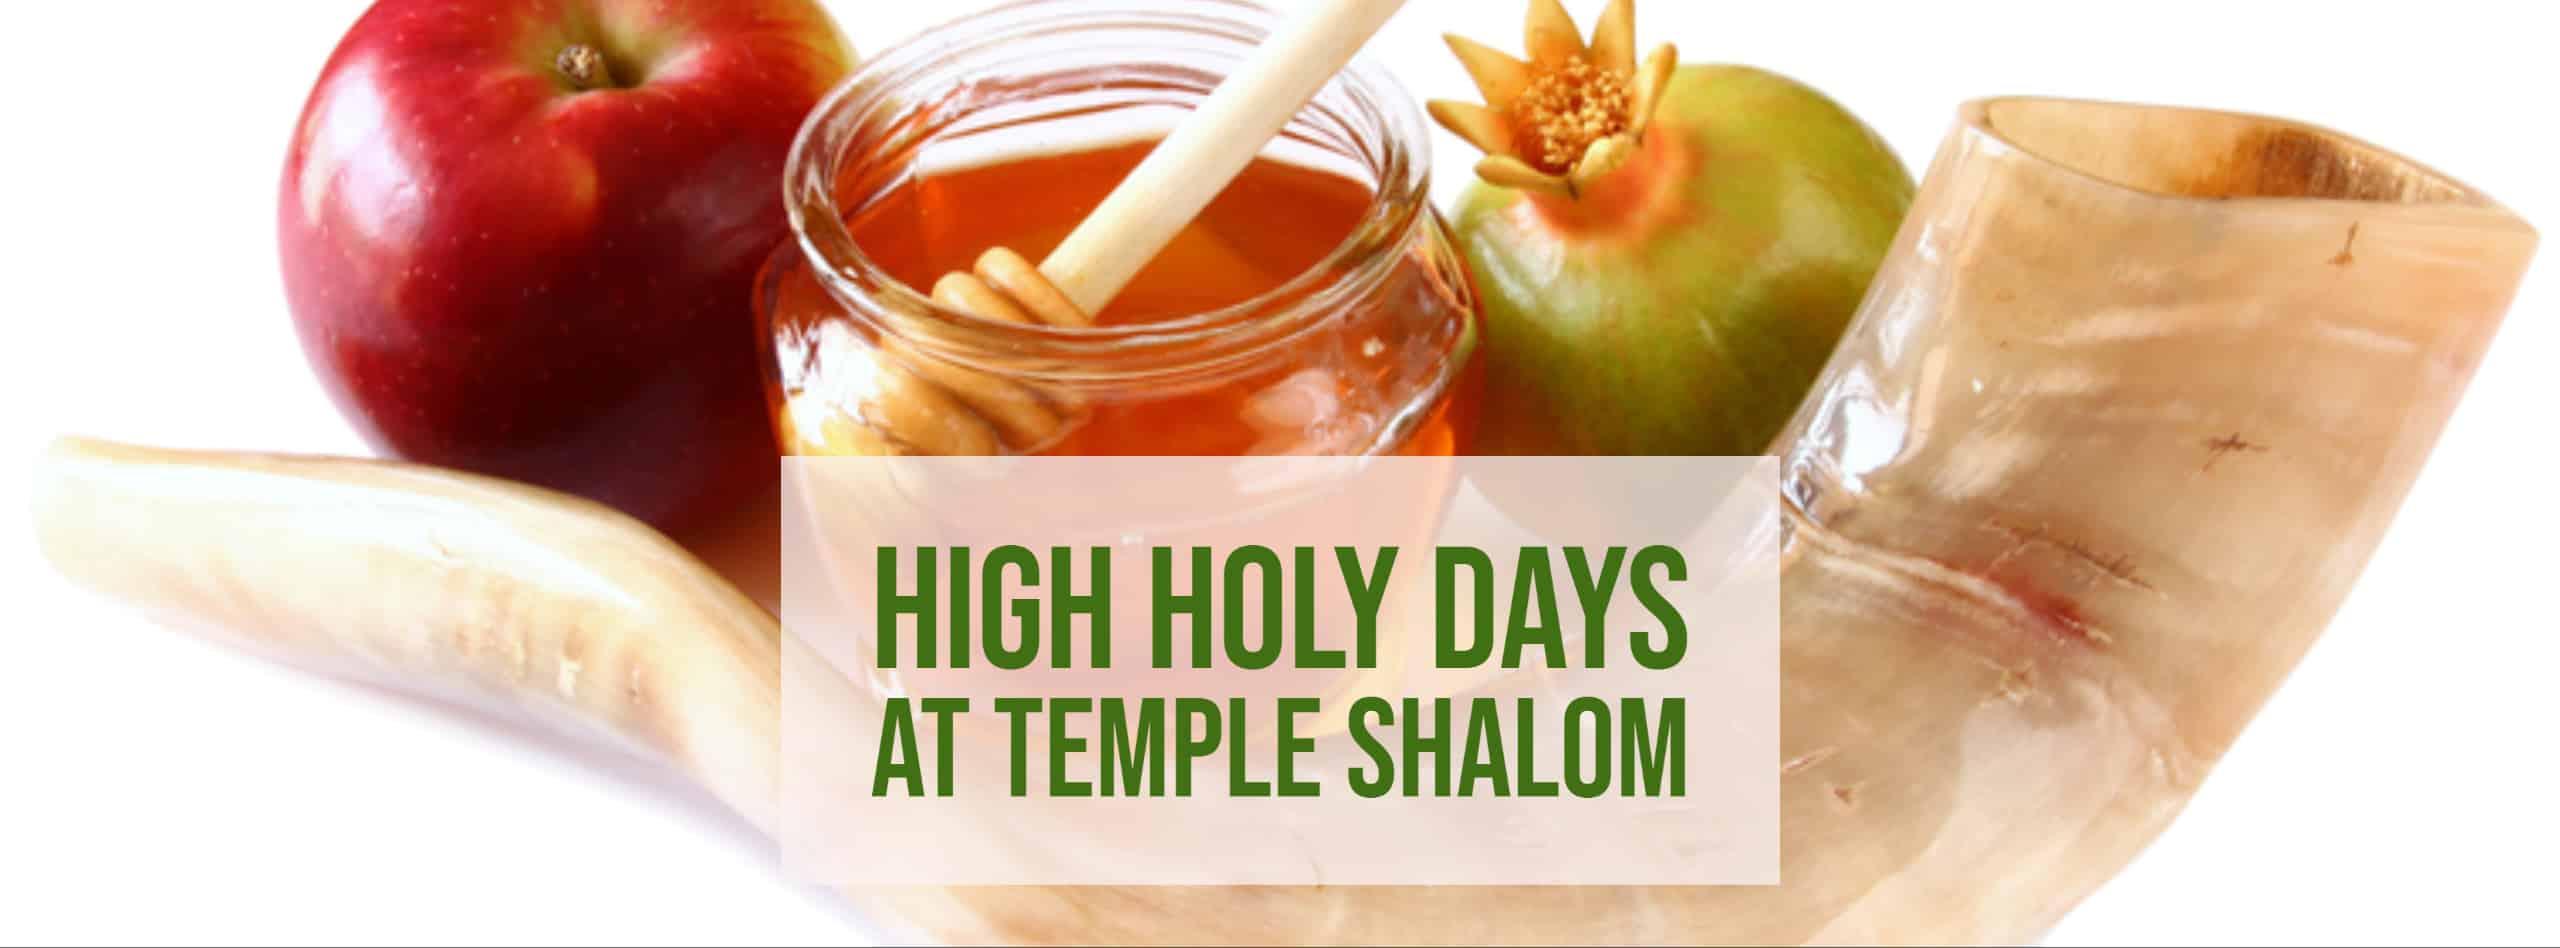 TS High Holy Days 2